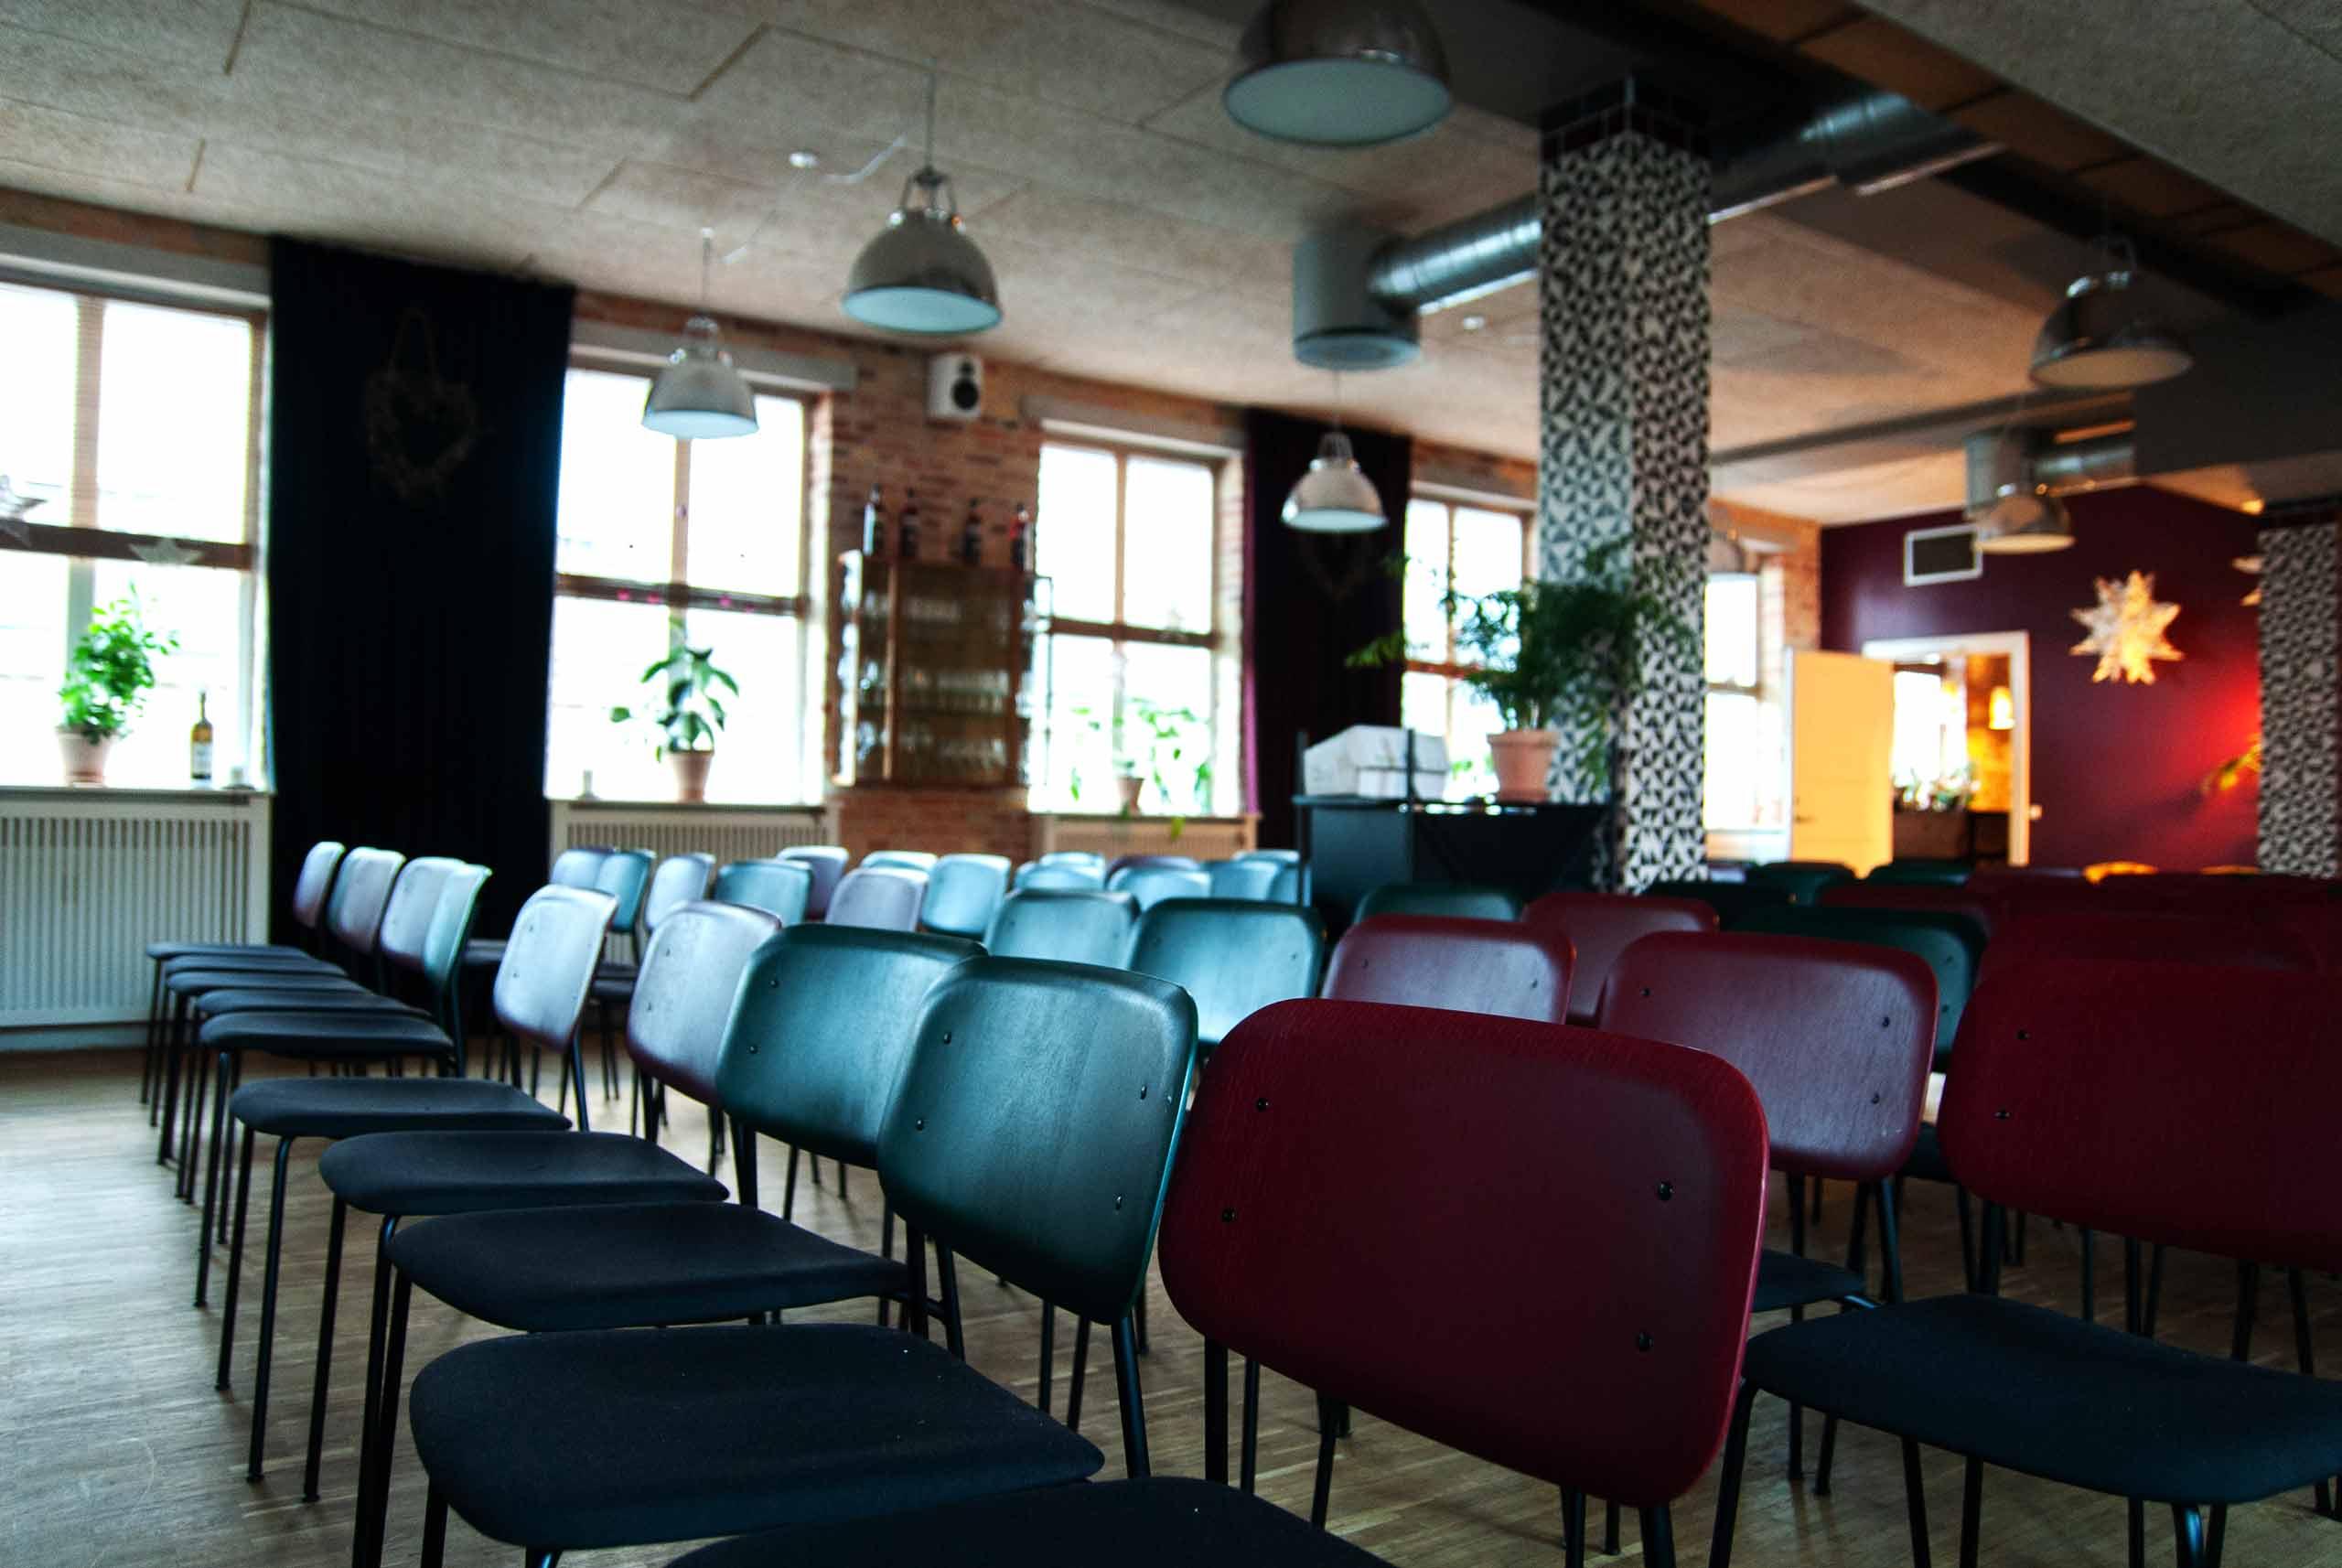 Selskabslokalet Upstairs at BÆST til alle slags selskaber og events hos Puglisi Events. Billede af: Karl Ejnar Jørgensen.